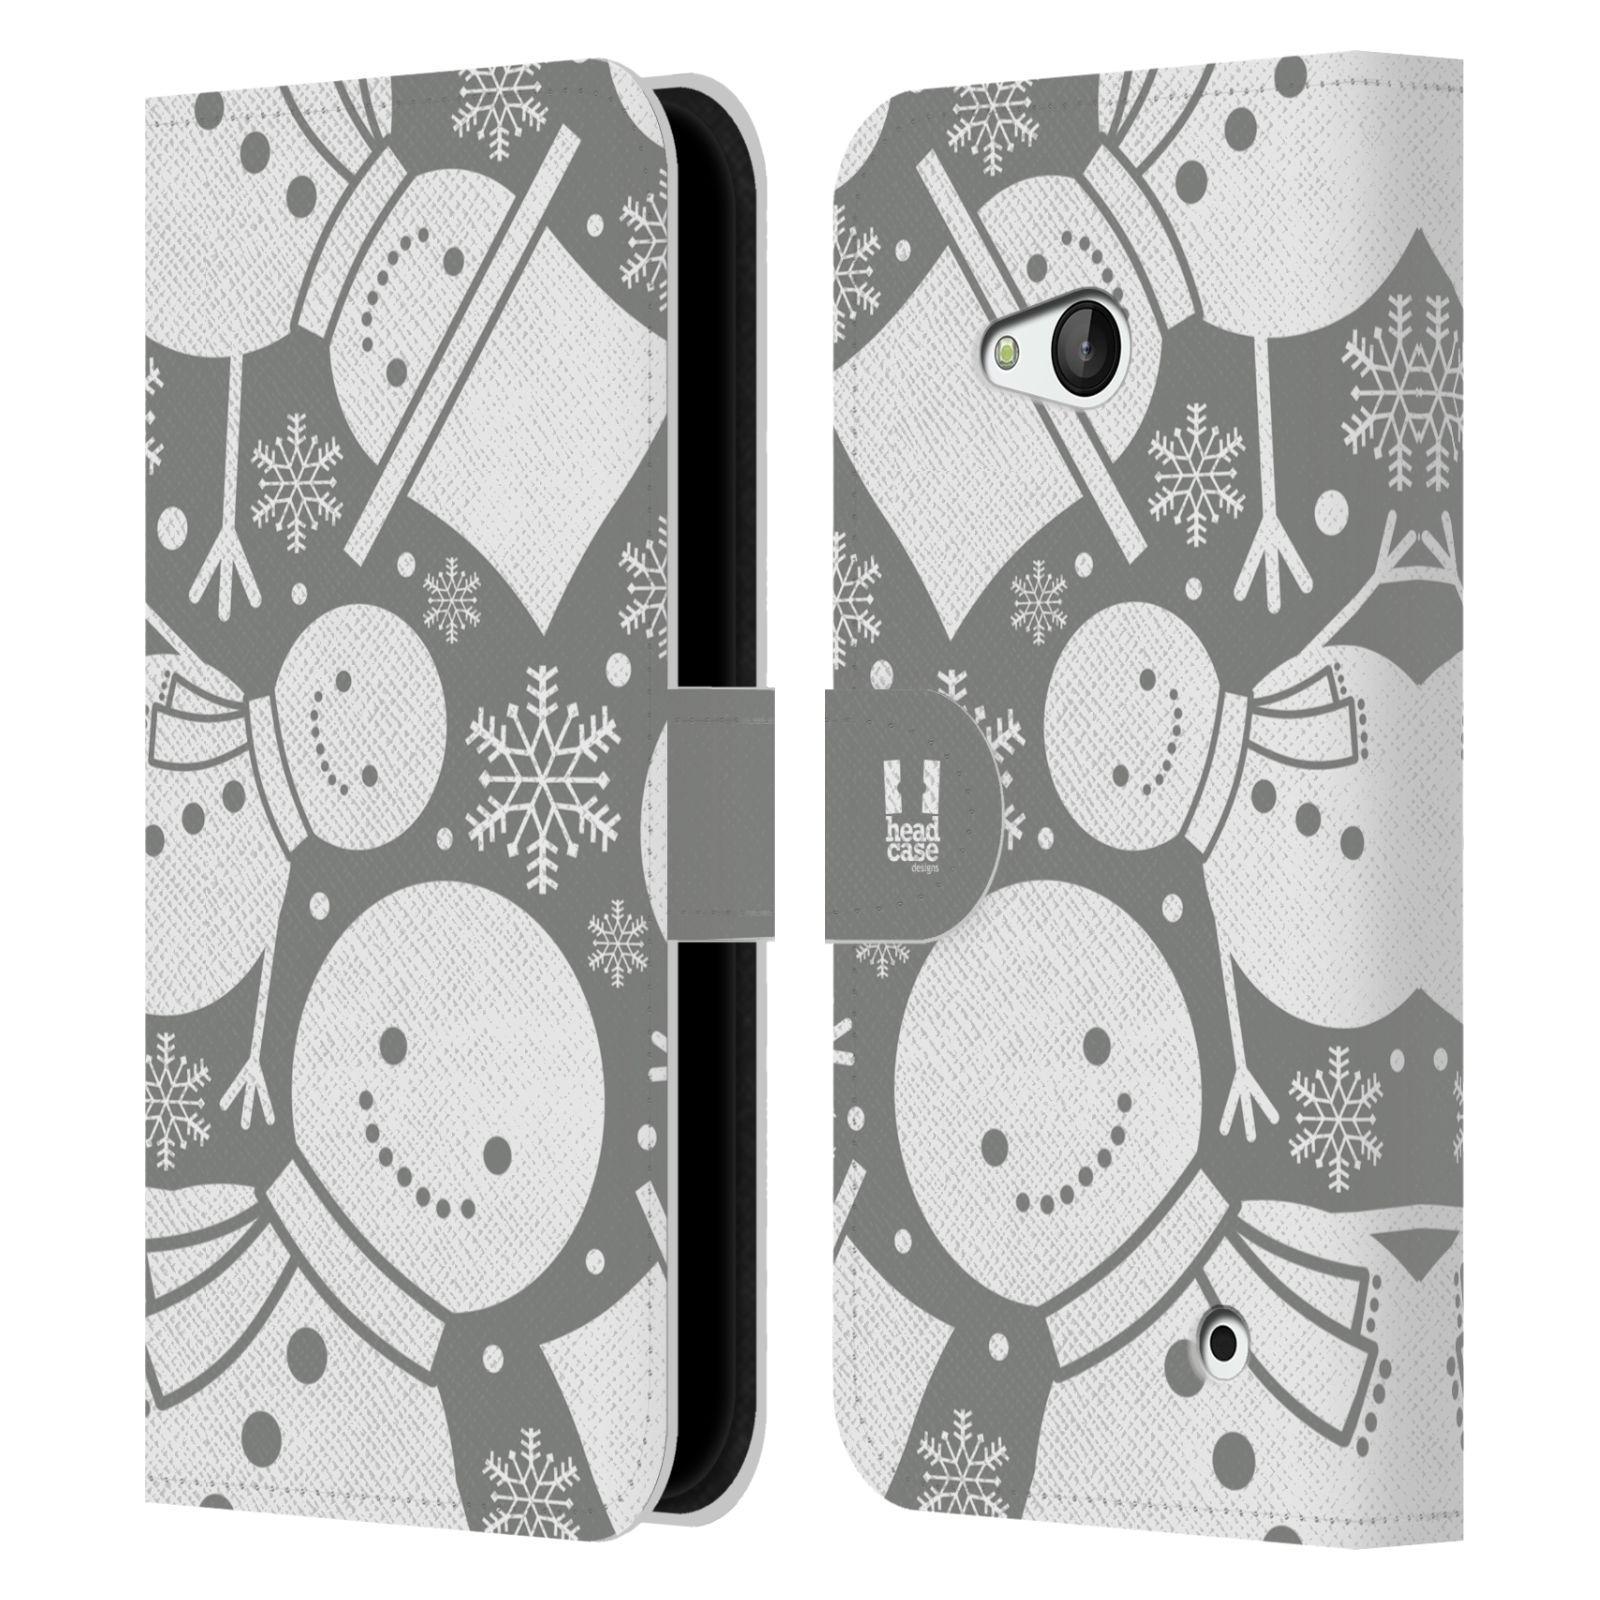 HEAD CASE Flipové pouzdro pro mobil NOKIA / MICROSOFT LUMIA 640 / LUMIA 640 DUAL stříbrné vzory sněhulák